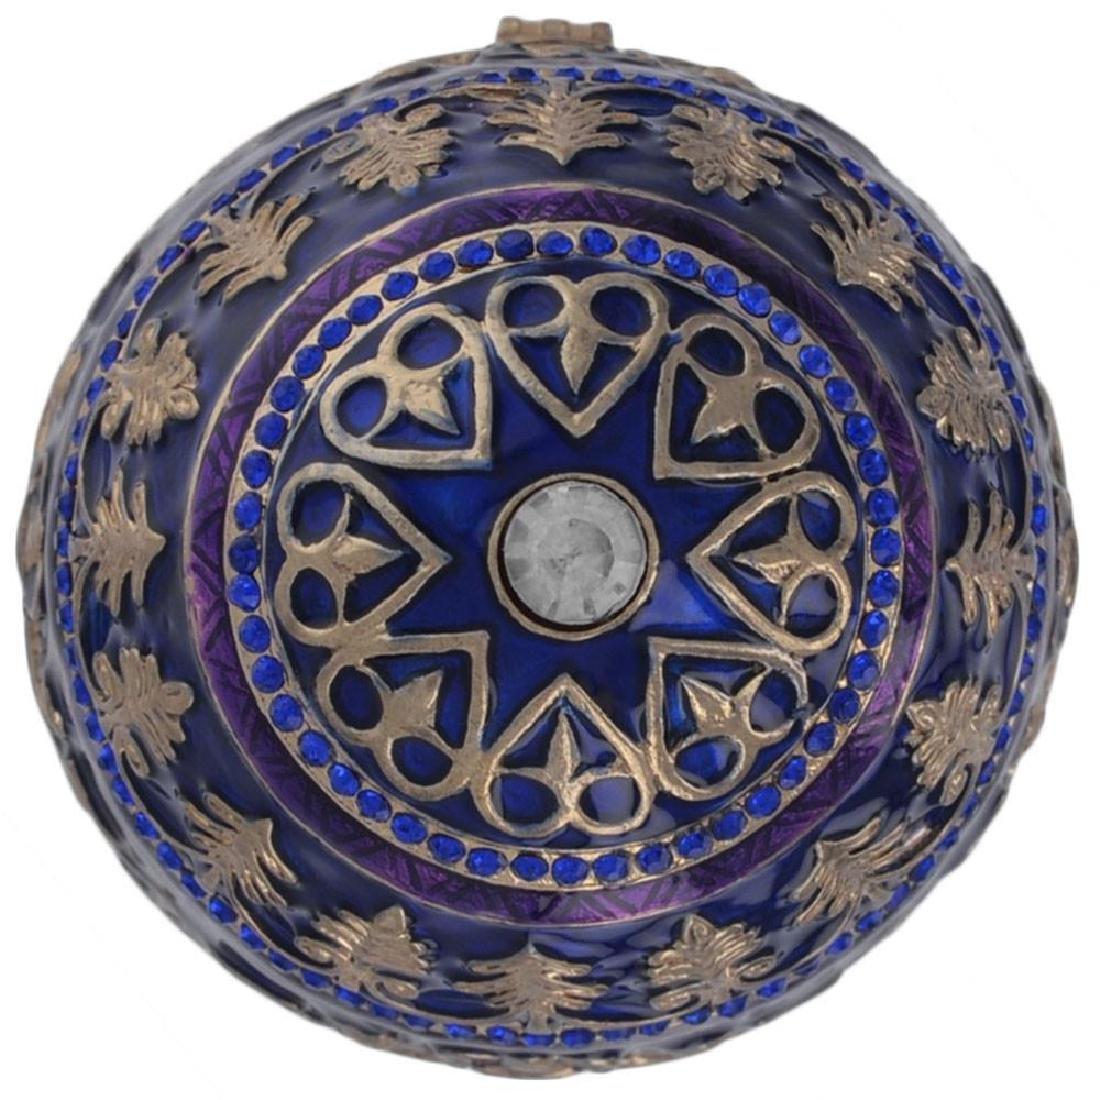 """1912 Tsarevich Faberge Egg 5.5"""" - 5"""